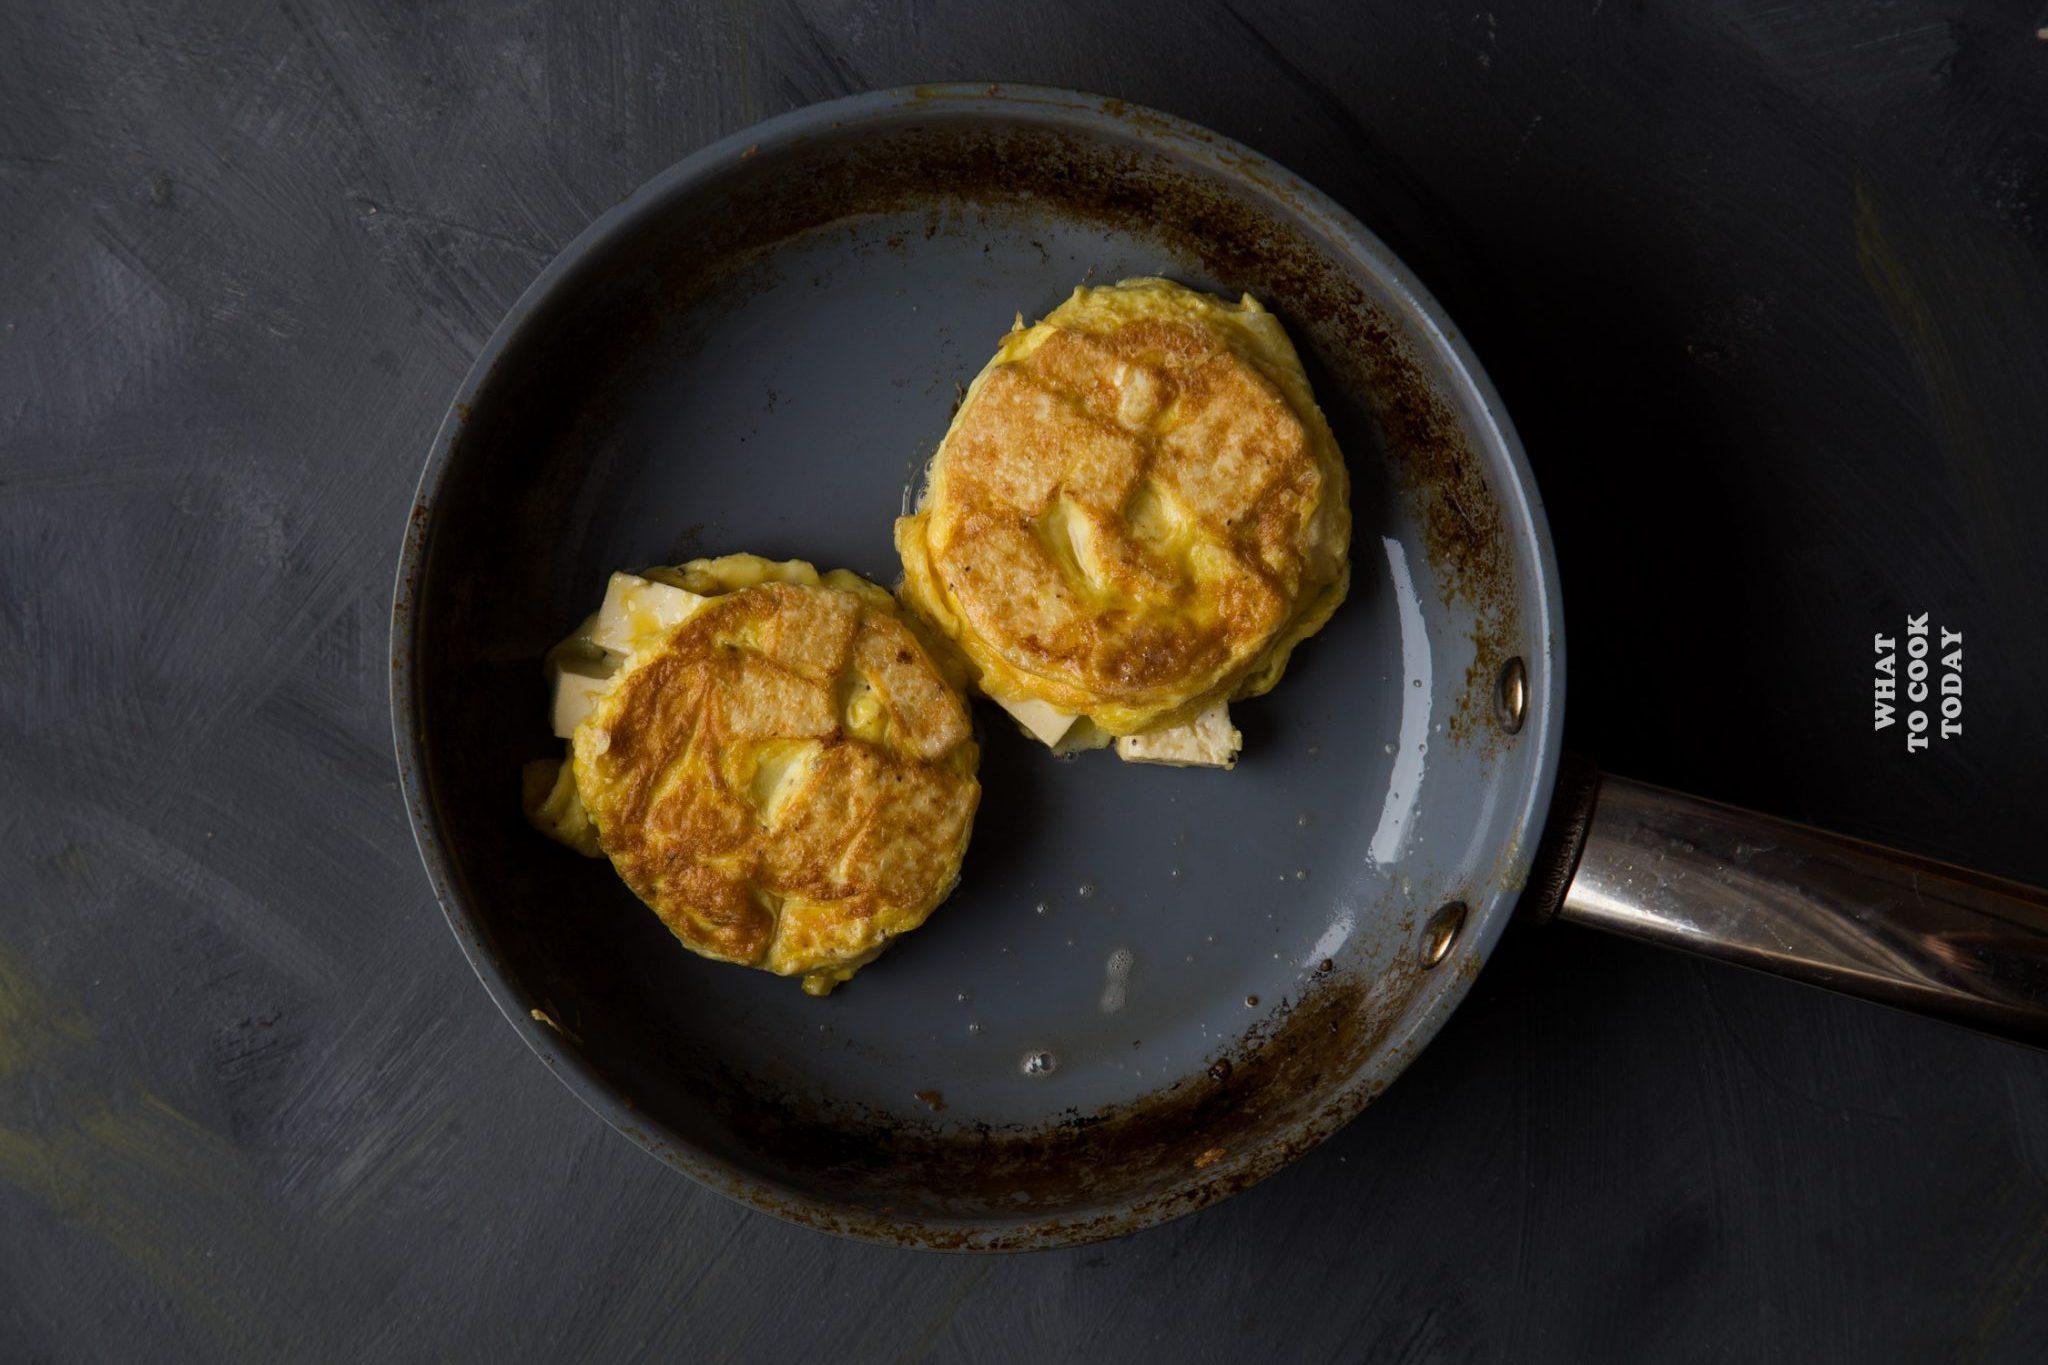 Tahu Telur (Indonesian Tofu Omelettes)